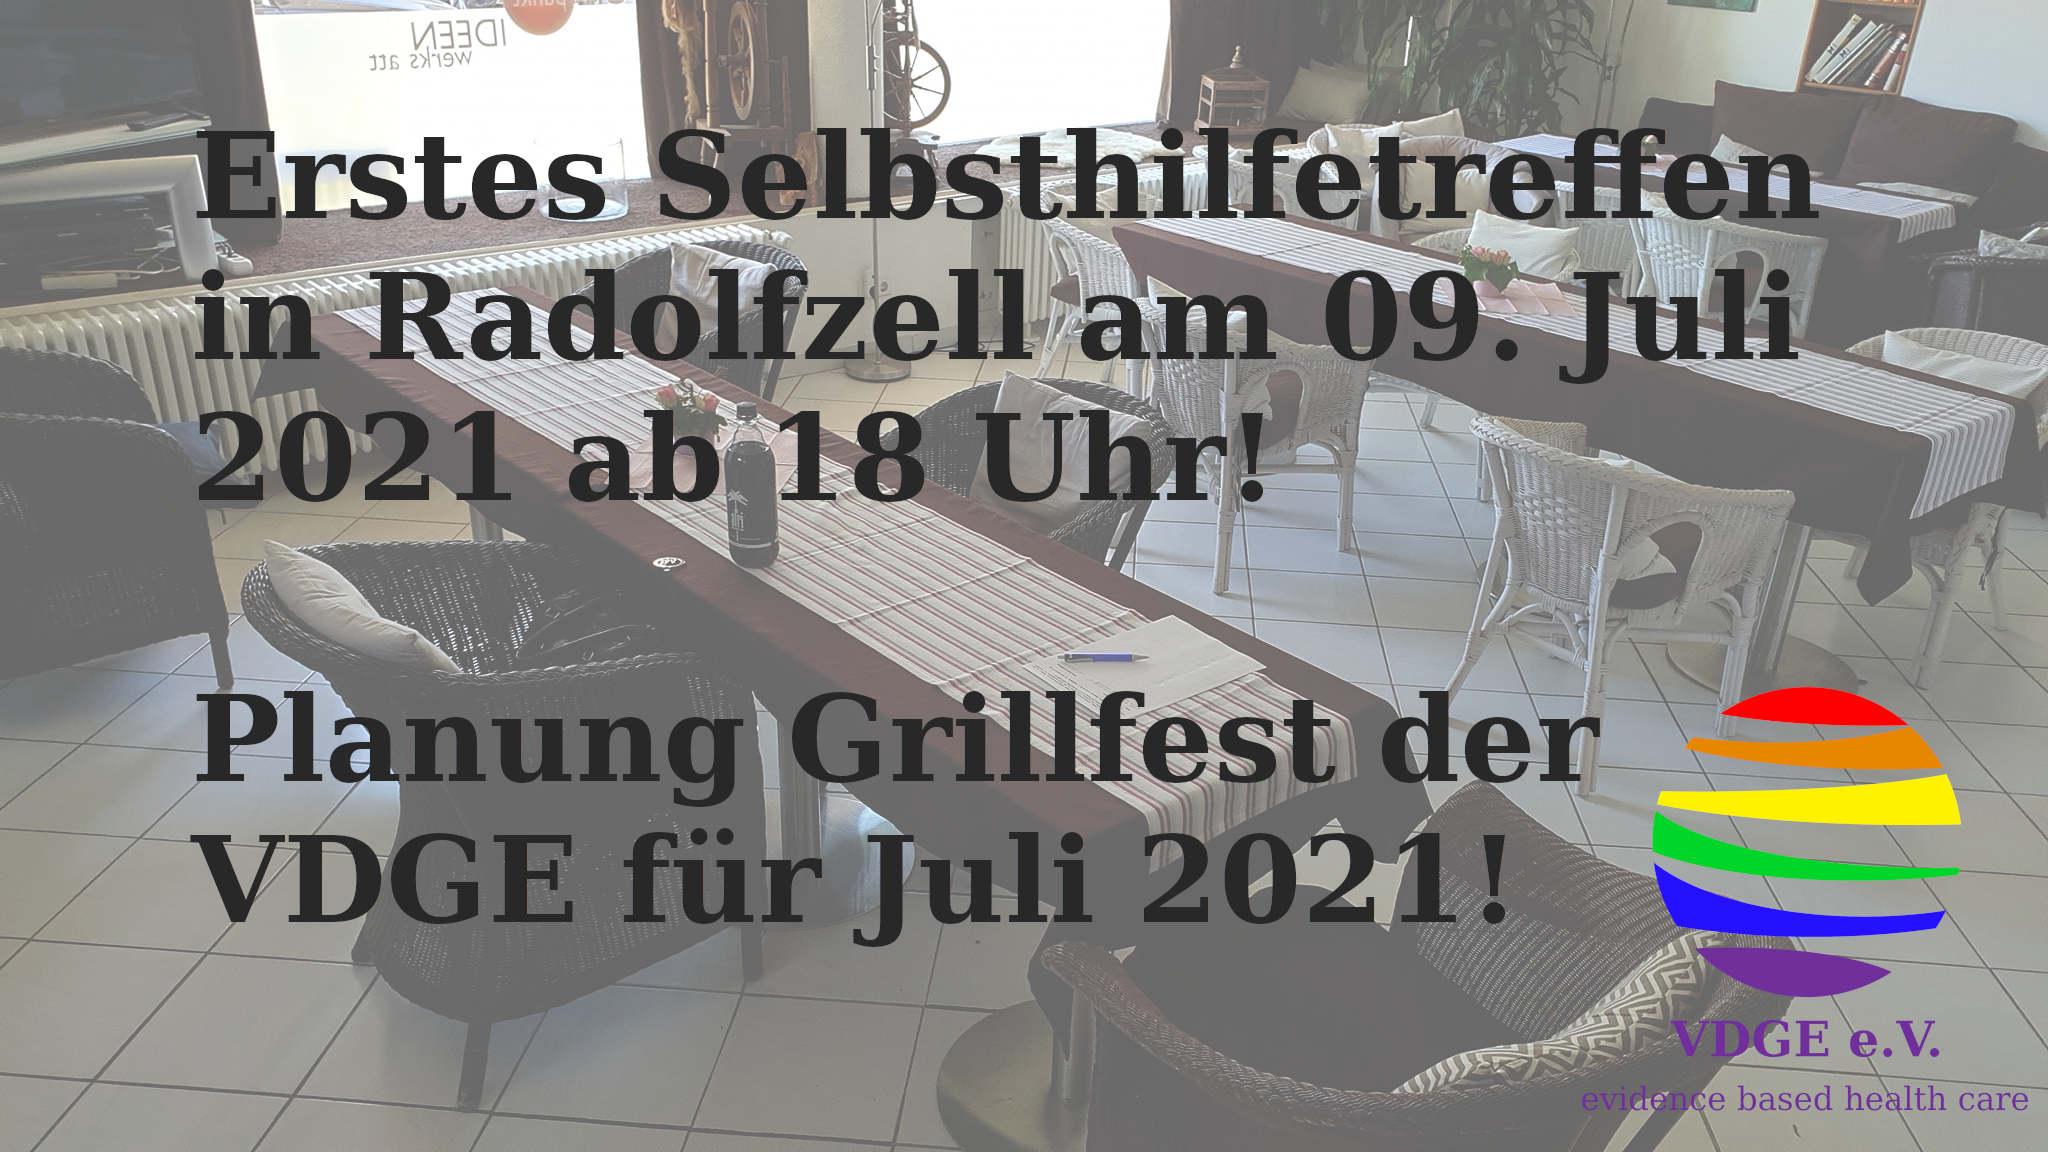 Erstes Selbsthilfetreffen in 2021 und Planung Grillfest